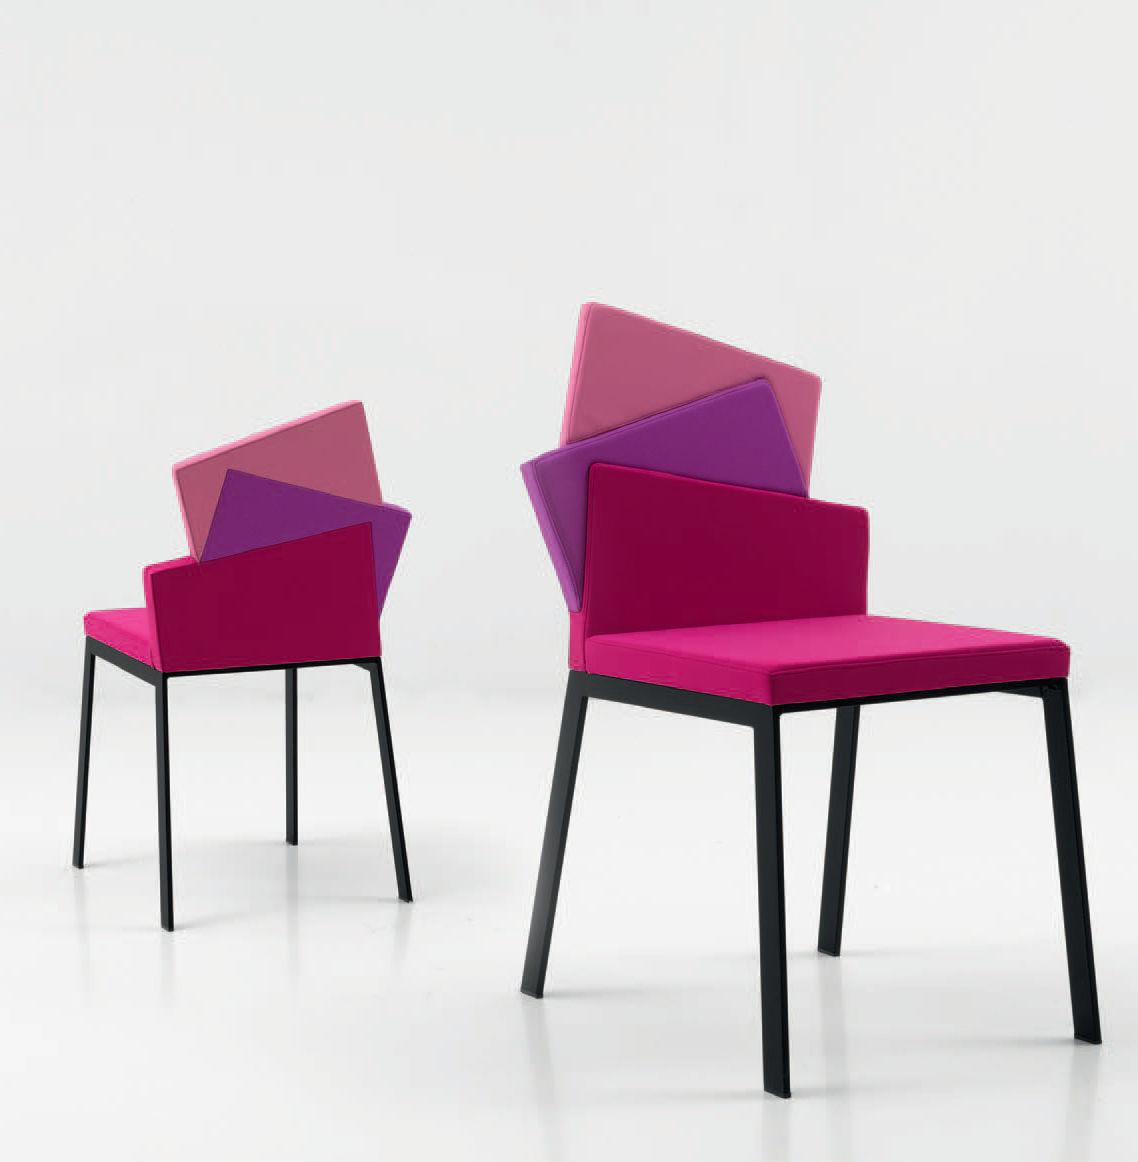 Sedie Tessuto Design.Sedia Design Originale In Tessuto